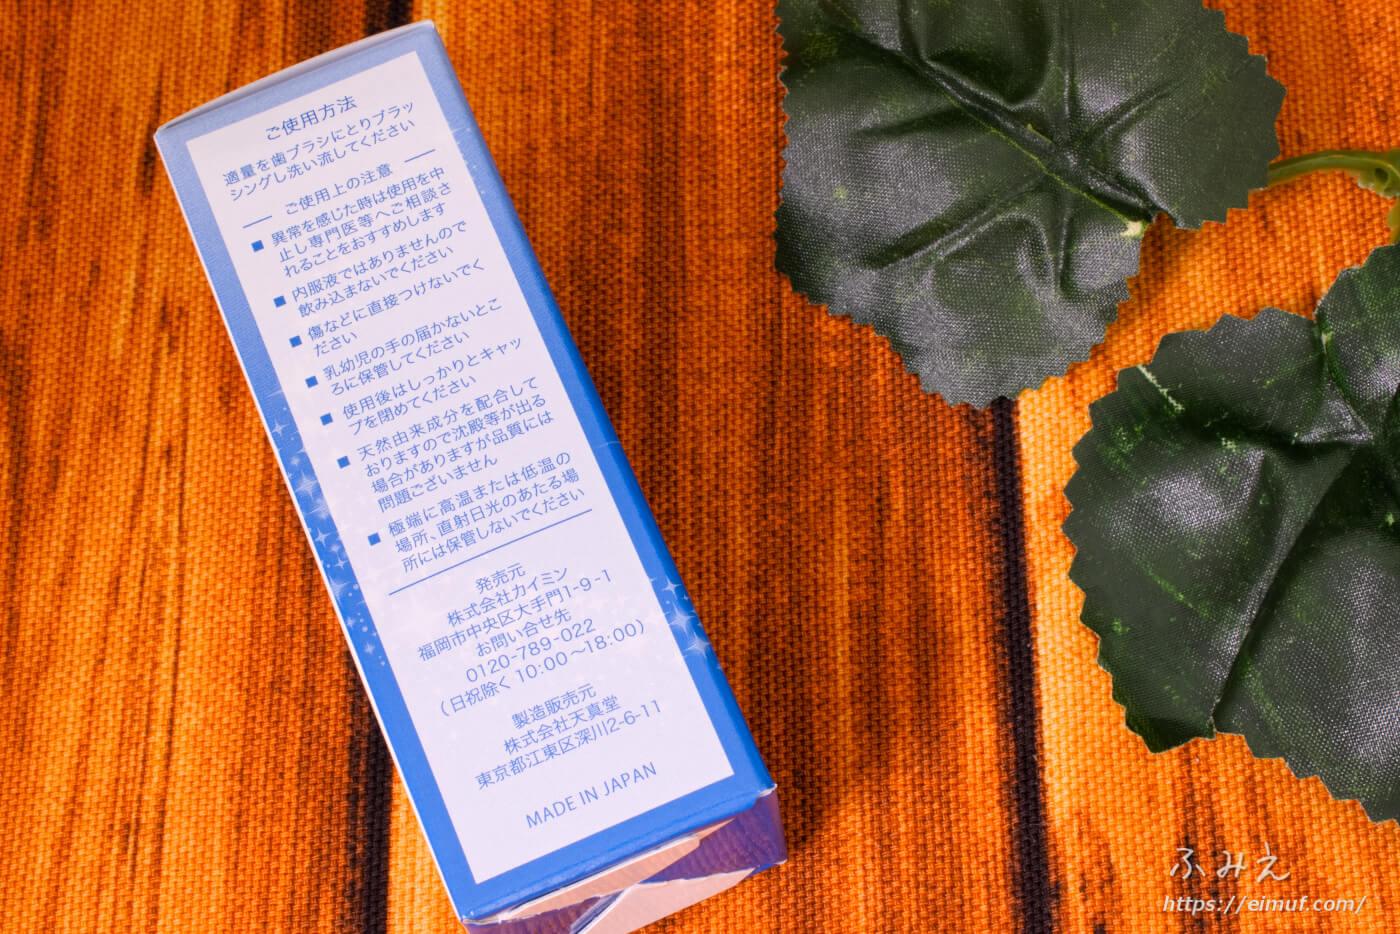 カイミンの薬用ナイトホワイトニングのパッケージ側面